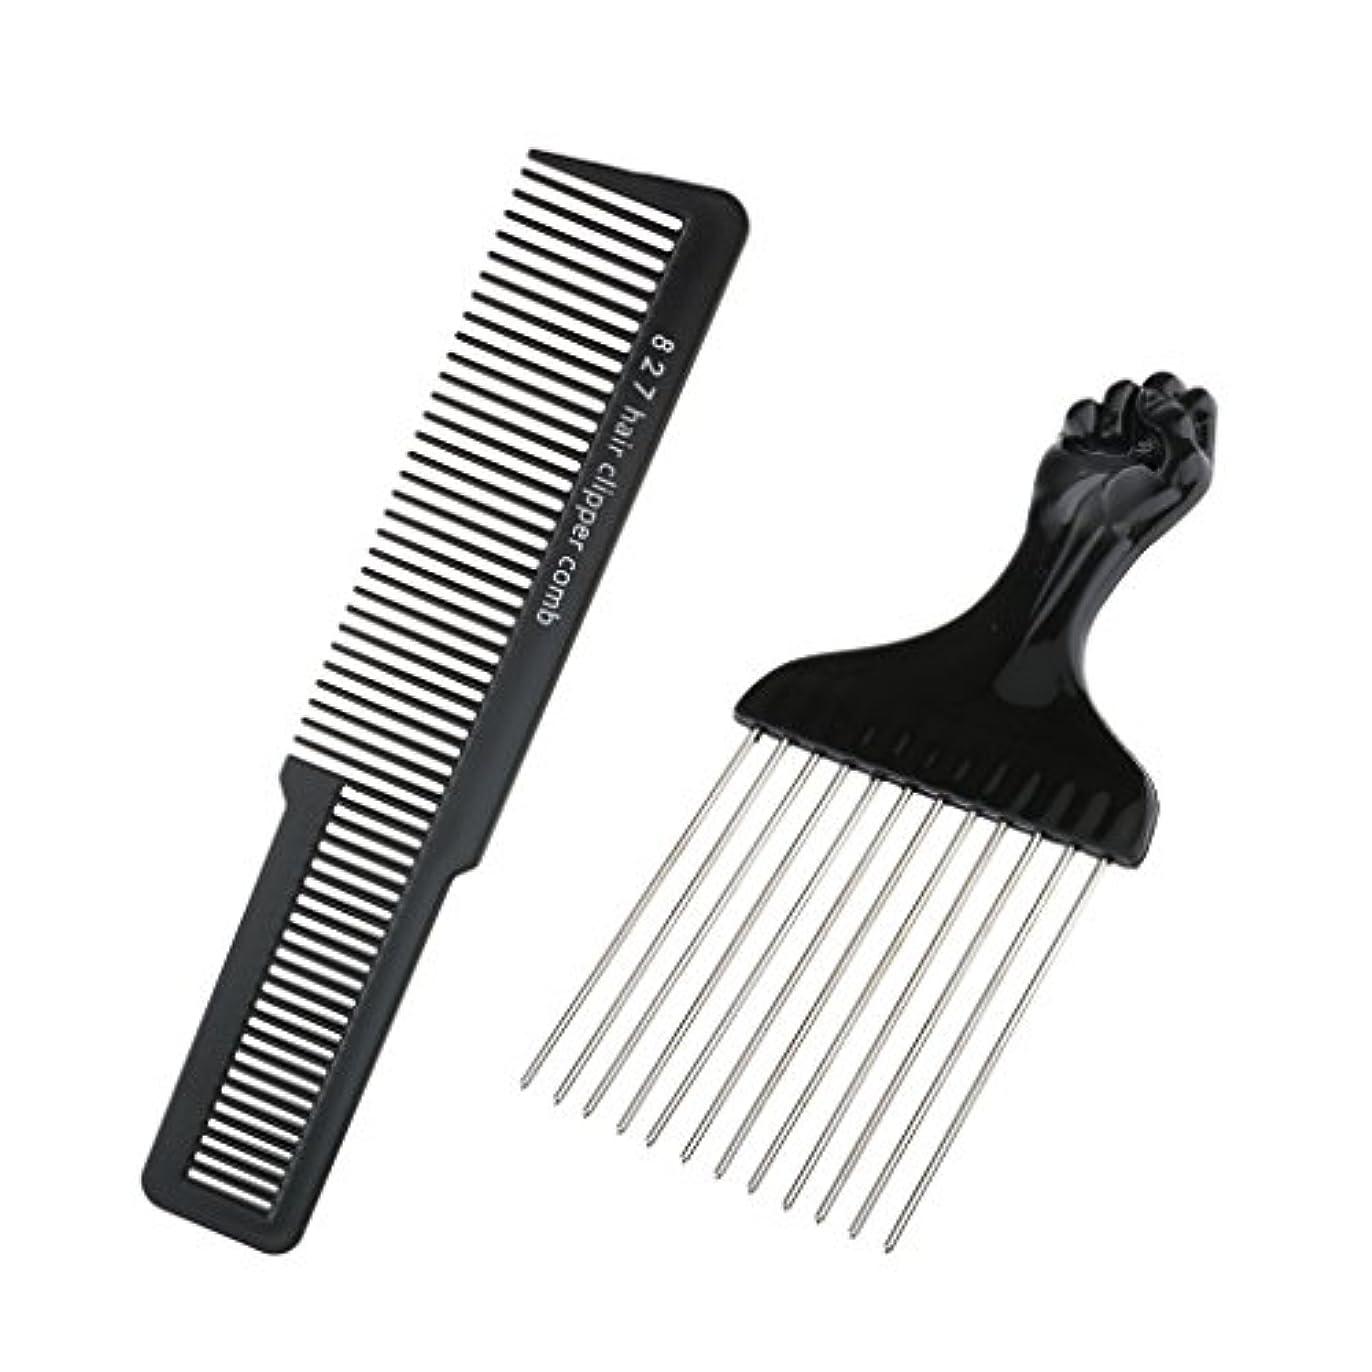 基準道徳の親密な美容院の理髪師のヘアスタイリングセットの毛の切断のクリッパーの櫛セットが付いている黒いステンレス鋼のアフロピックブラシ